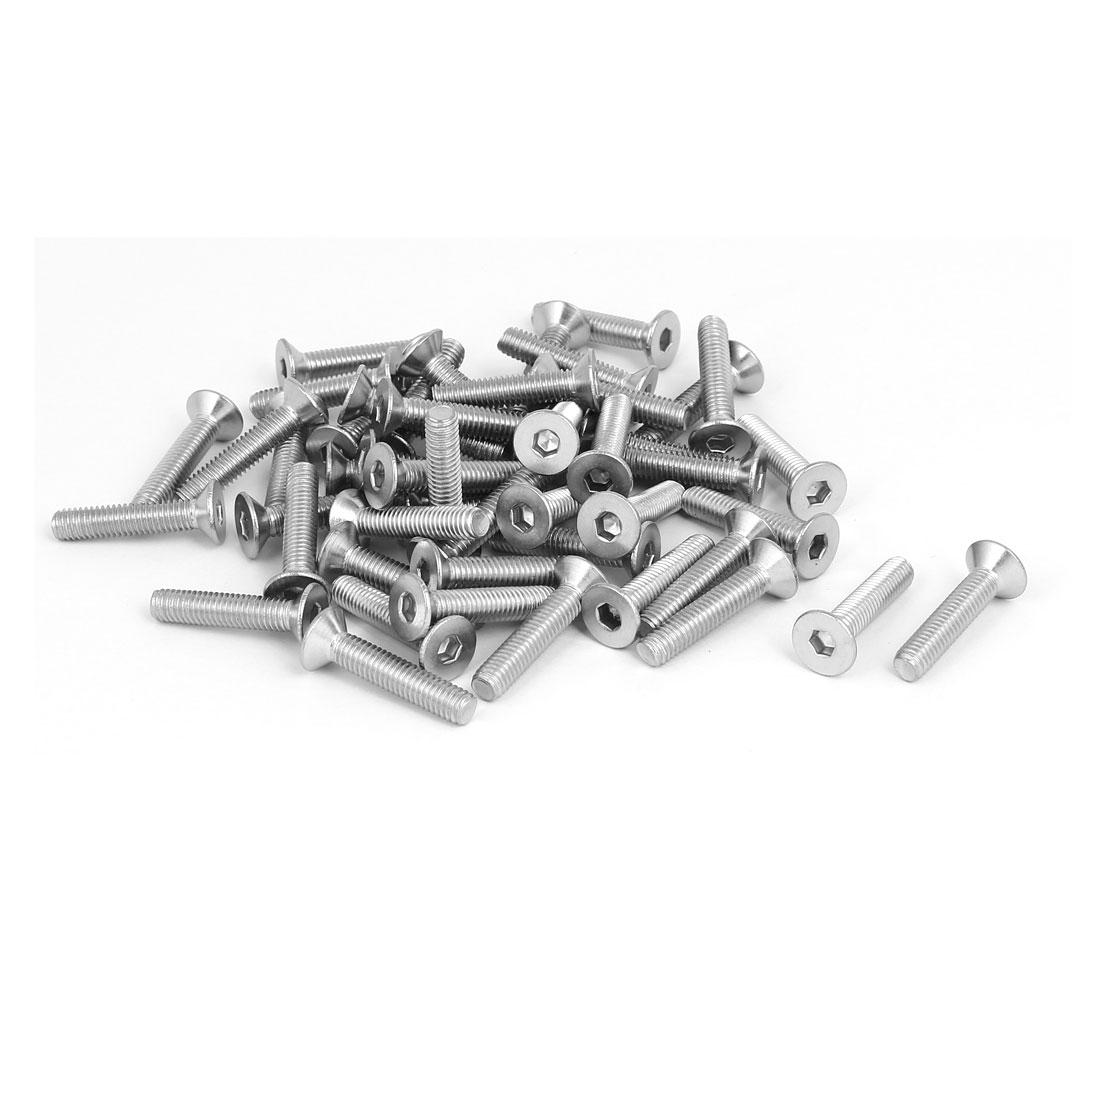 M6x30mm vis à tête hexagonale tête plate en acier inoxydable 304 DIN7991 50pcs - image 2 de 2